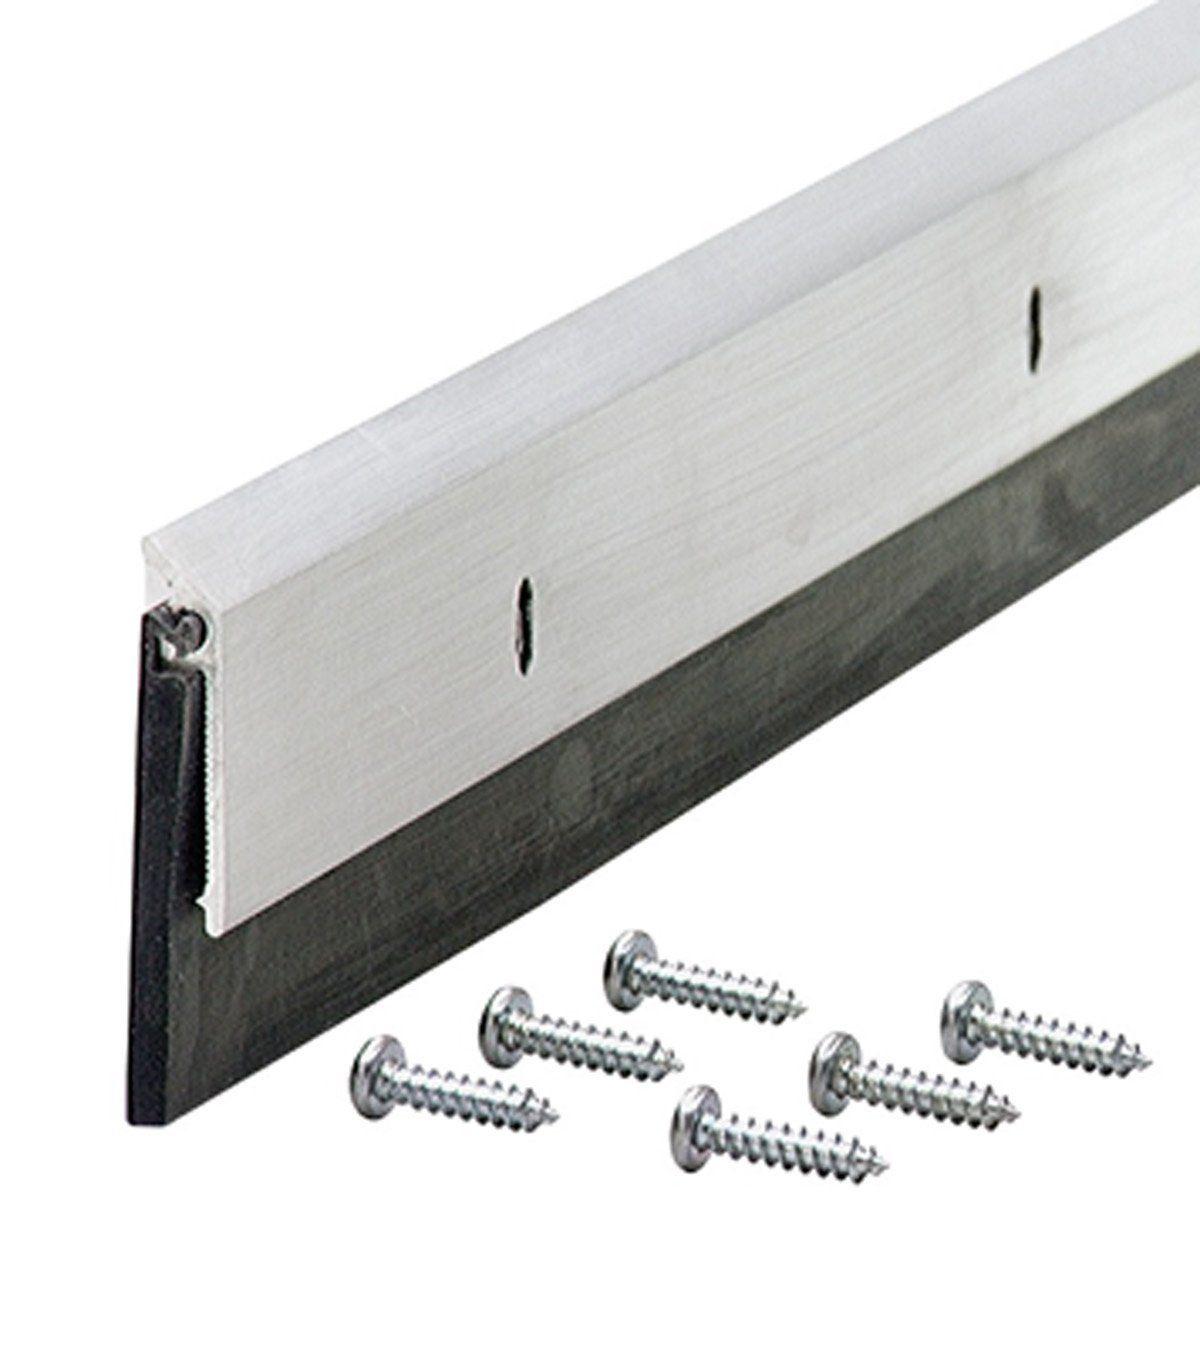 M D Building Products 68247 1 1 4 Inch Epdm 36 Inch Db006 Commercial Grade Door Sweep Mill Door Thresholds A Door Sweep Door Weather Stripping Door Sweeps